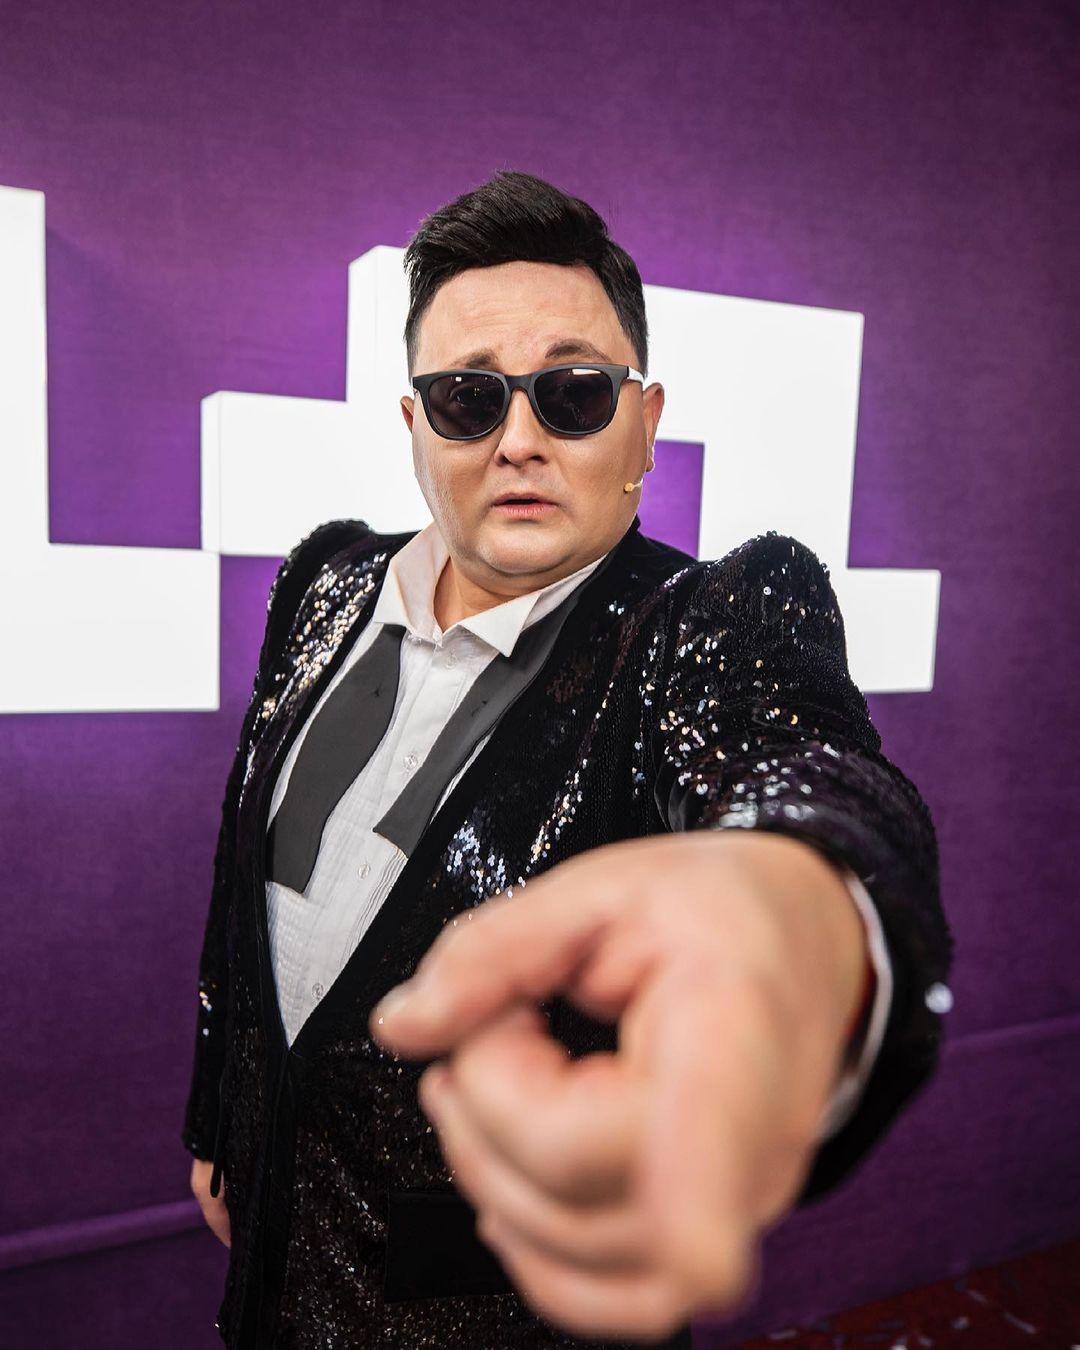 Мне в своем весе и теле комфортно, - актер / instagram.com/yuriy_tkach